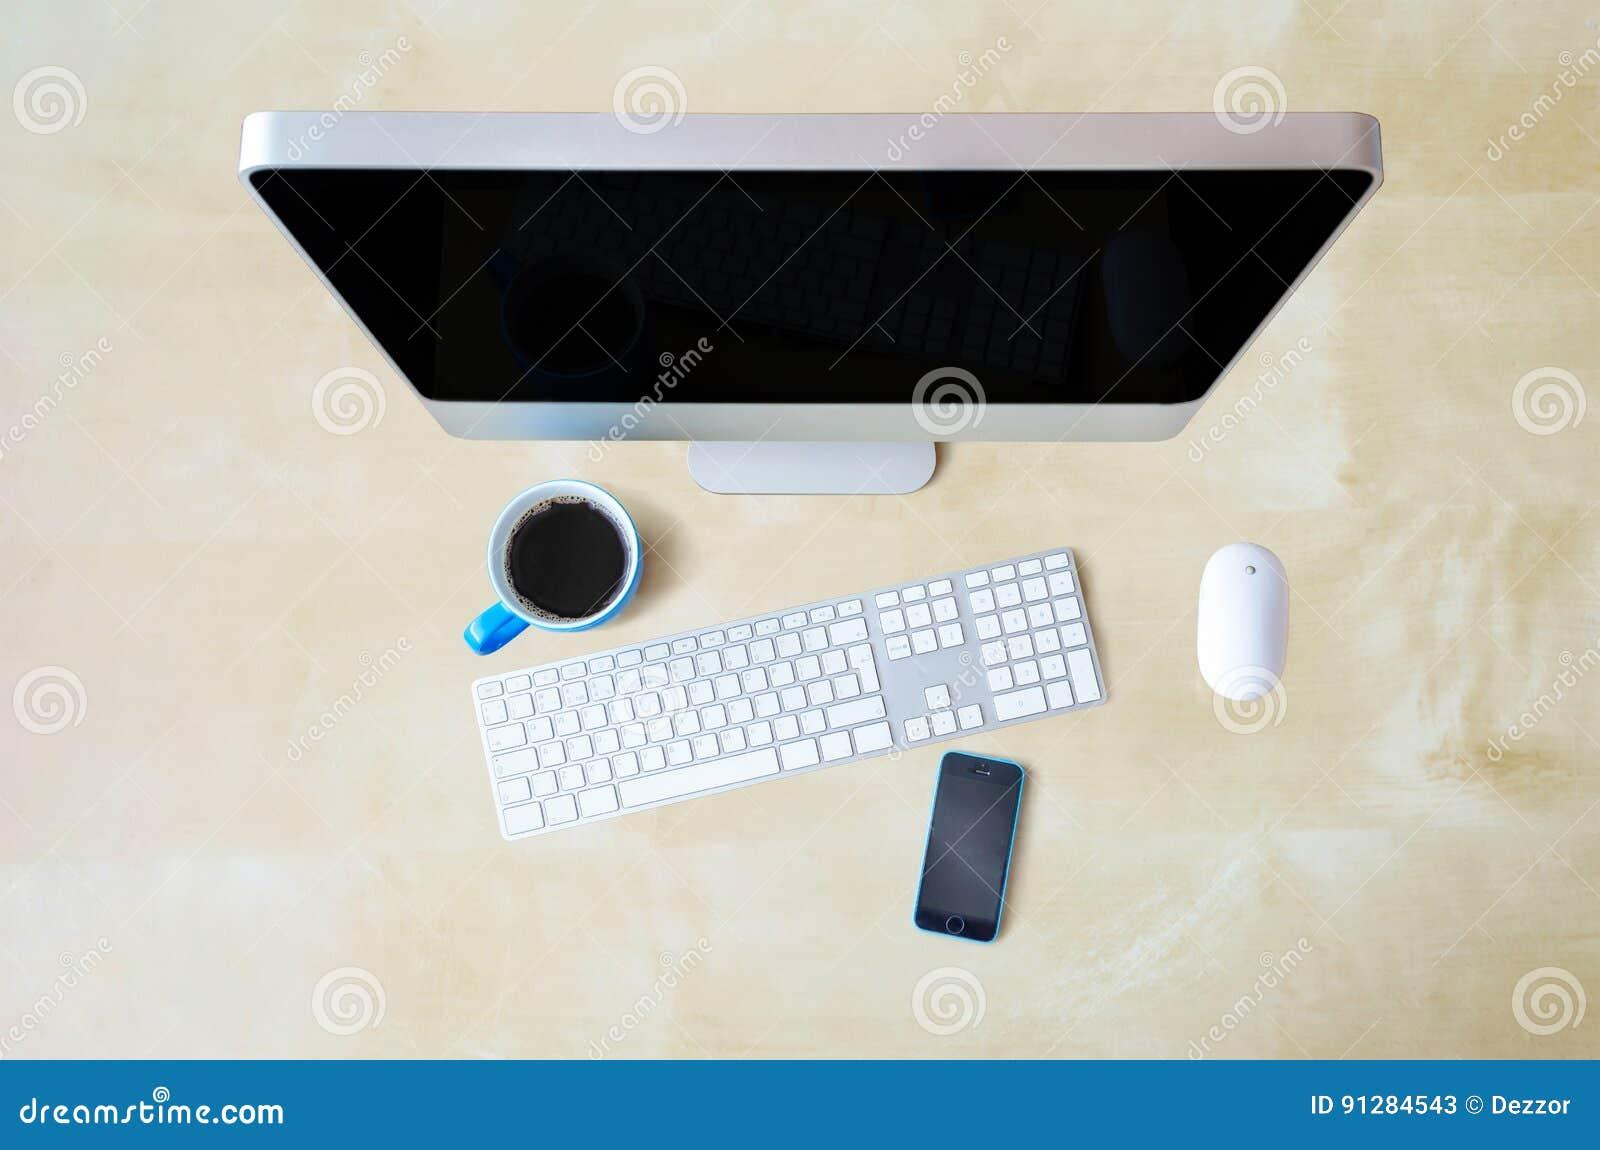 Bakgrund för tabellen för datortexturträdet, tangentbordet, musen, blått rånar och ringer